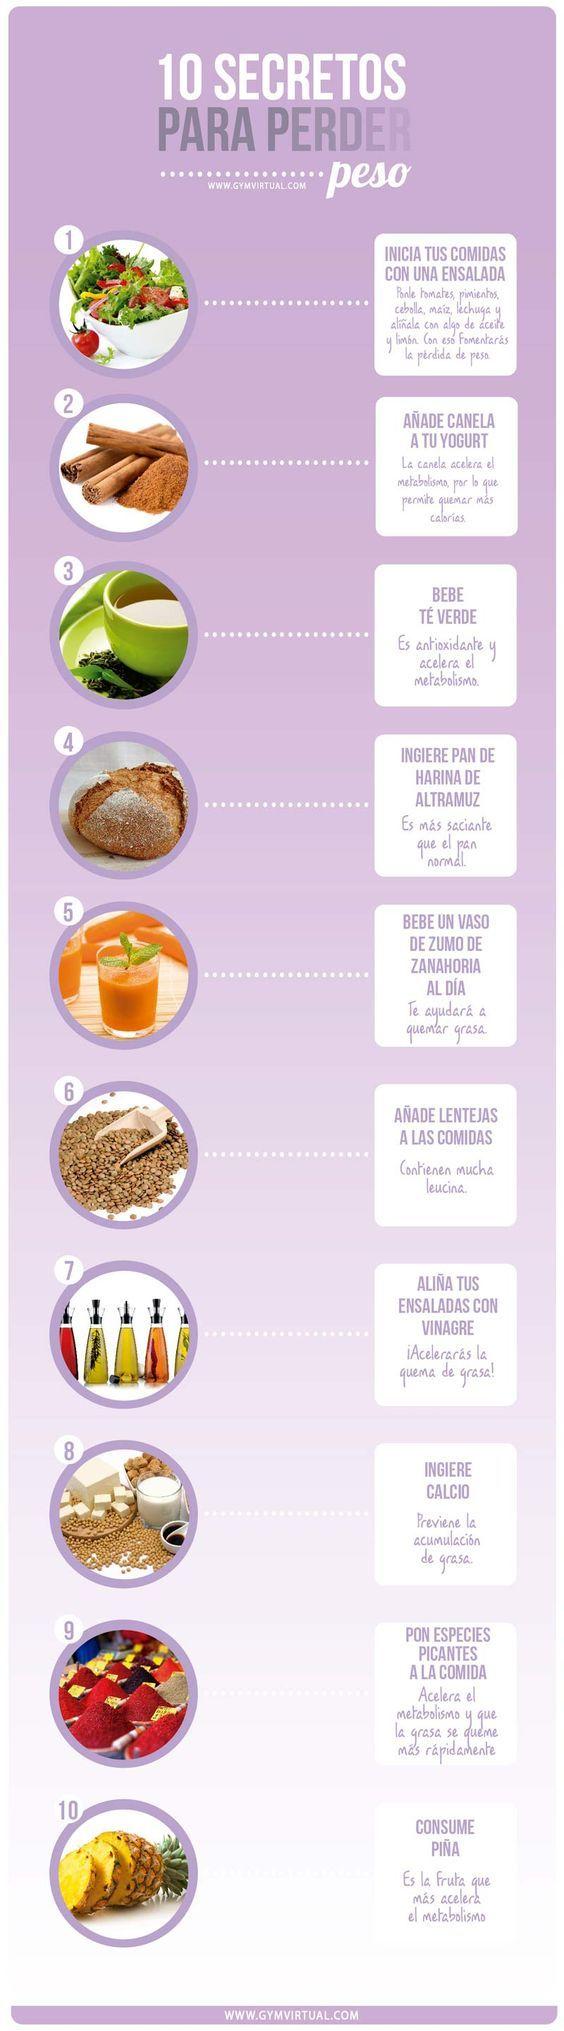 Sigue estos consejos para bajar rápido de peso rápido. No